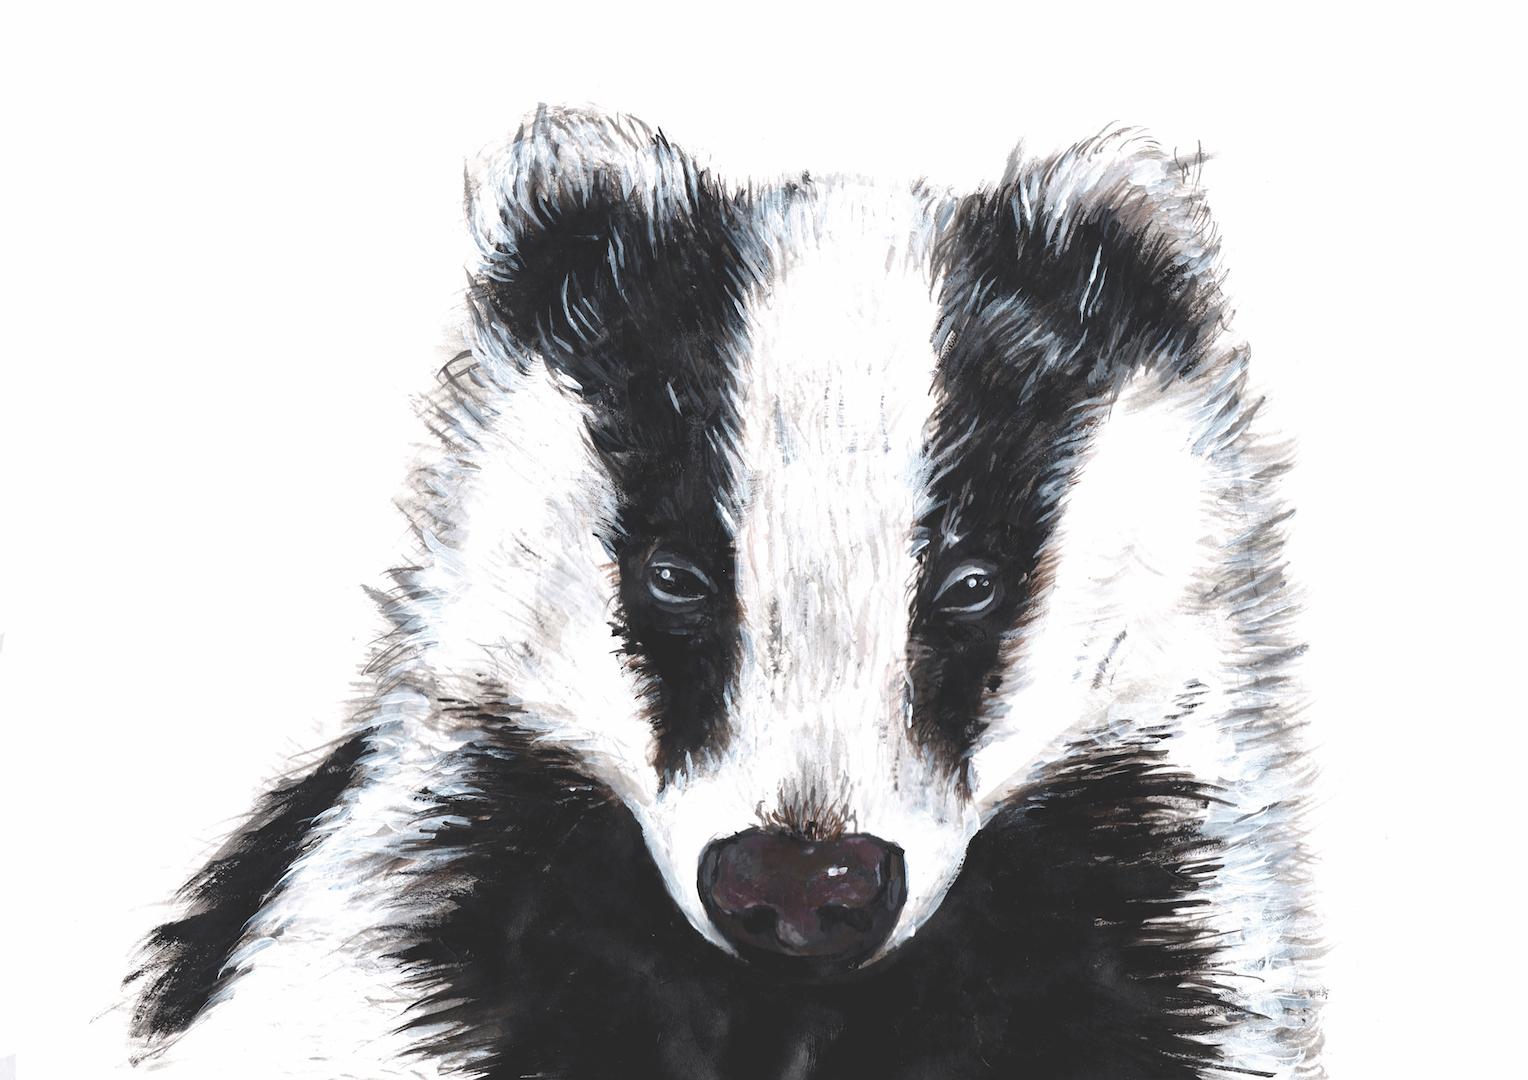 Illustration of a Badger